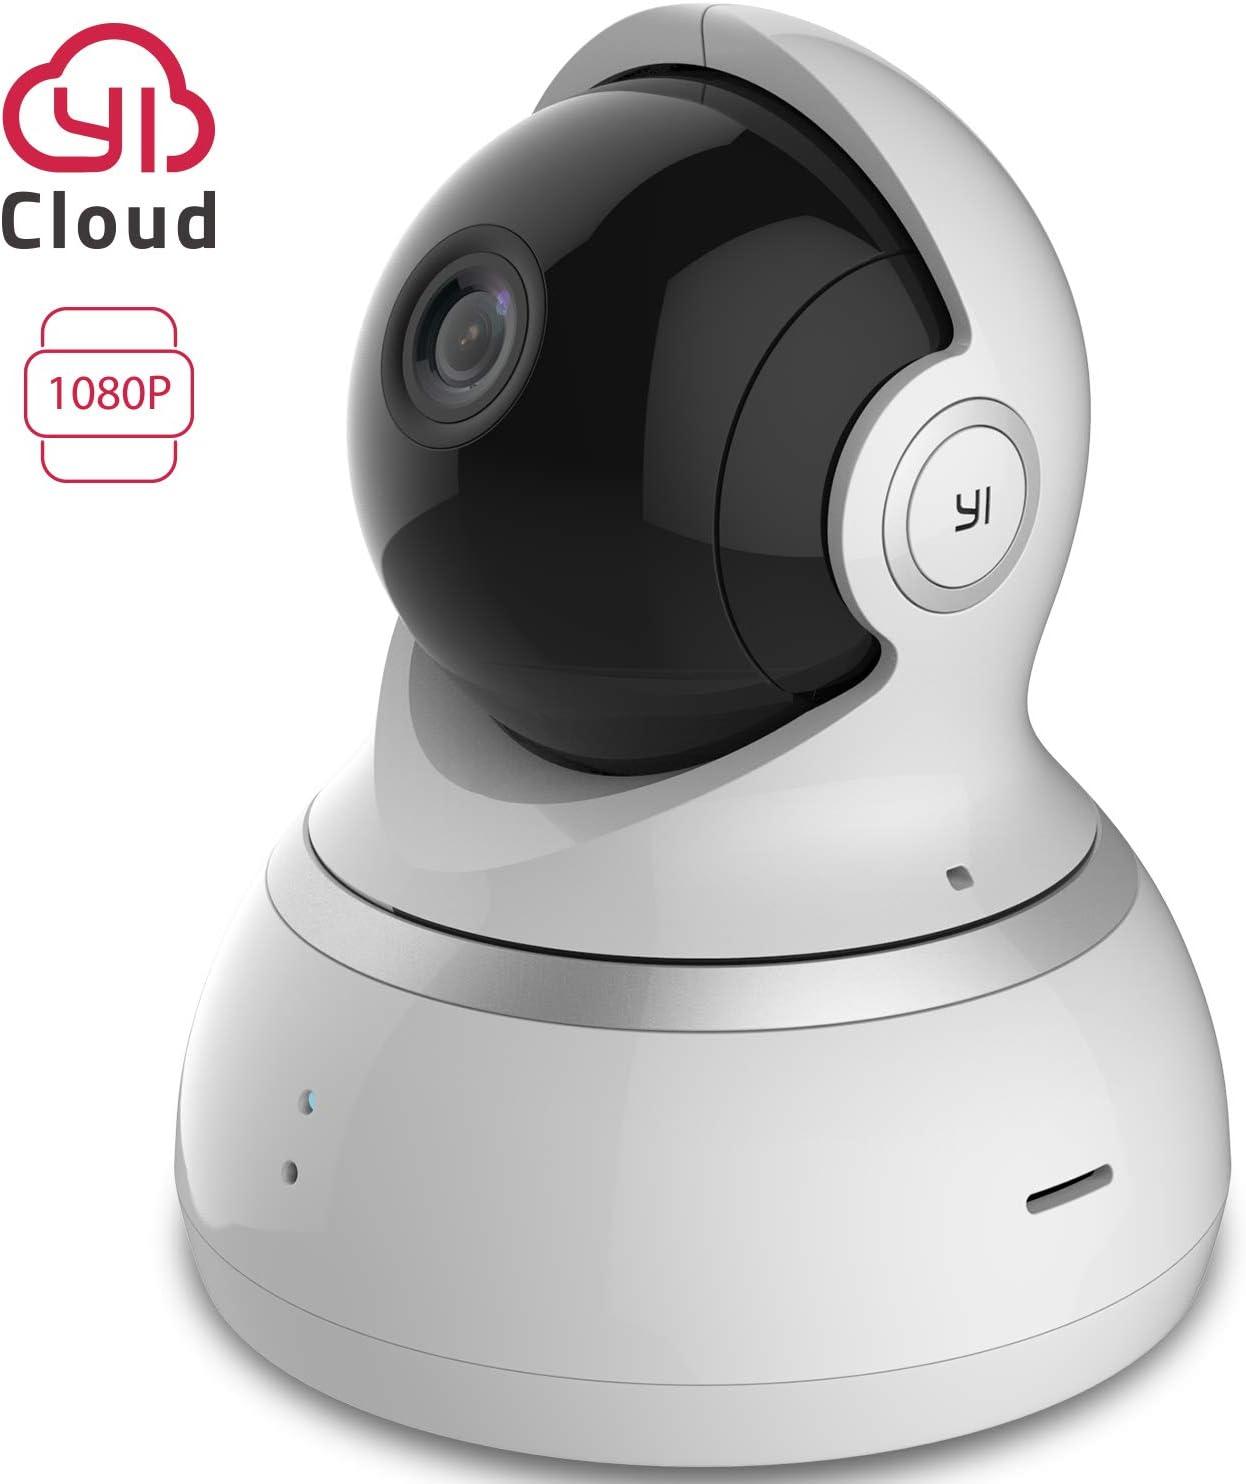 YI Camara Vigilancia 1080p Camara IP Camaras de Vigilancia Wifi Interior 360° Compatible con Alexa Detección de Movimiento, Visión Nocturna, Audio de 2 Vias y Nube con App para iOS y Android Blanco